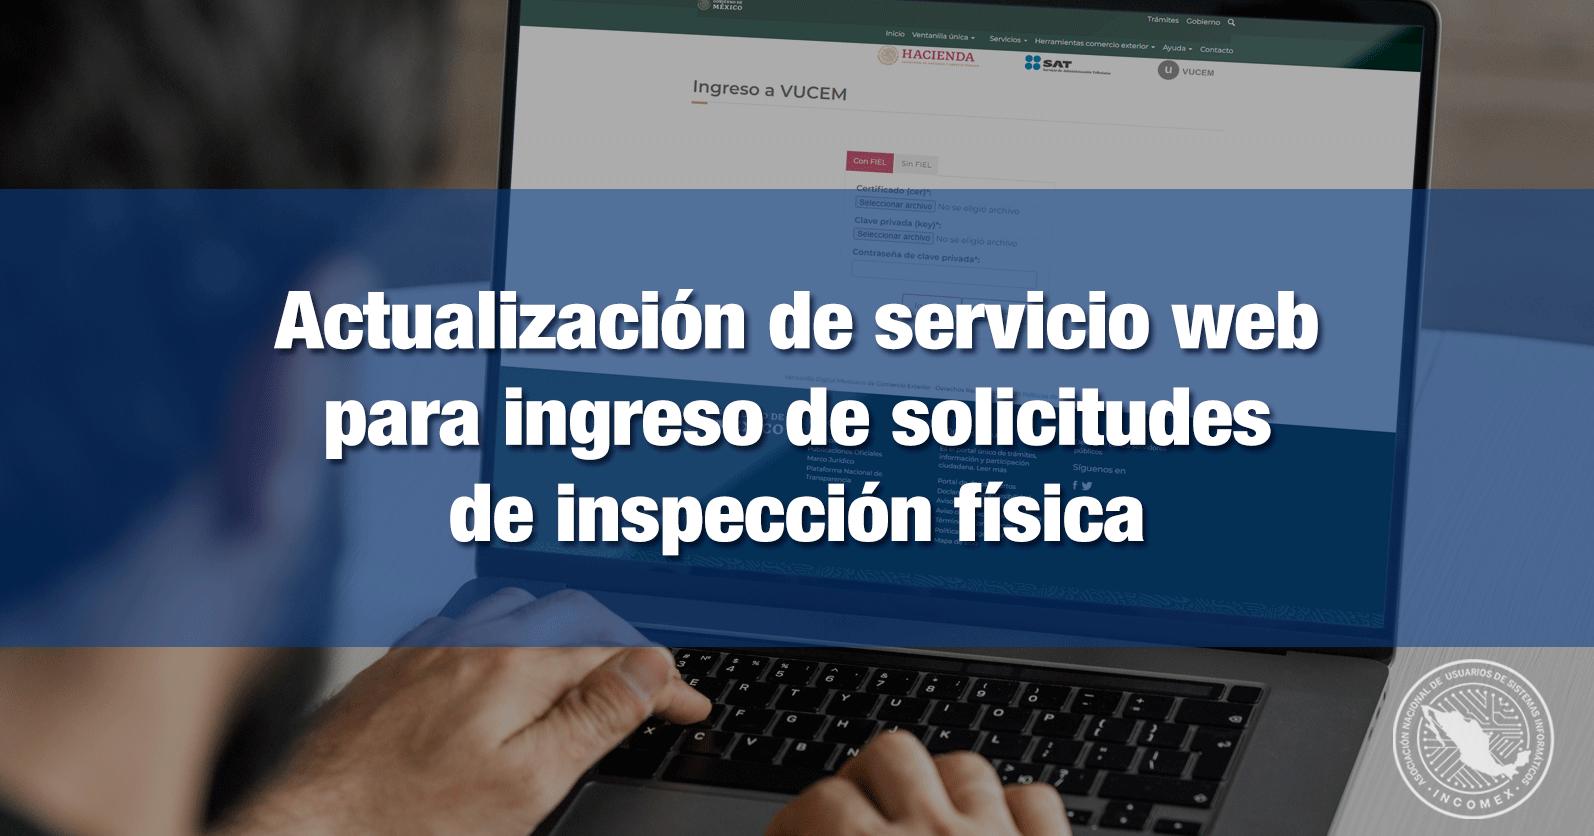 Actualización de servicio web para ingreso de solicitudes de inspección física